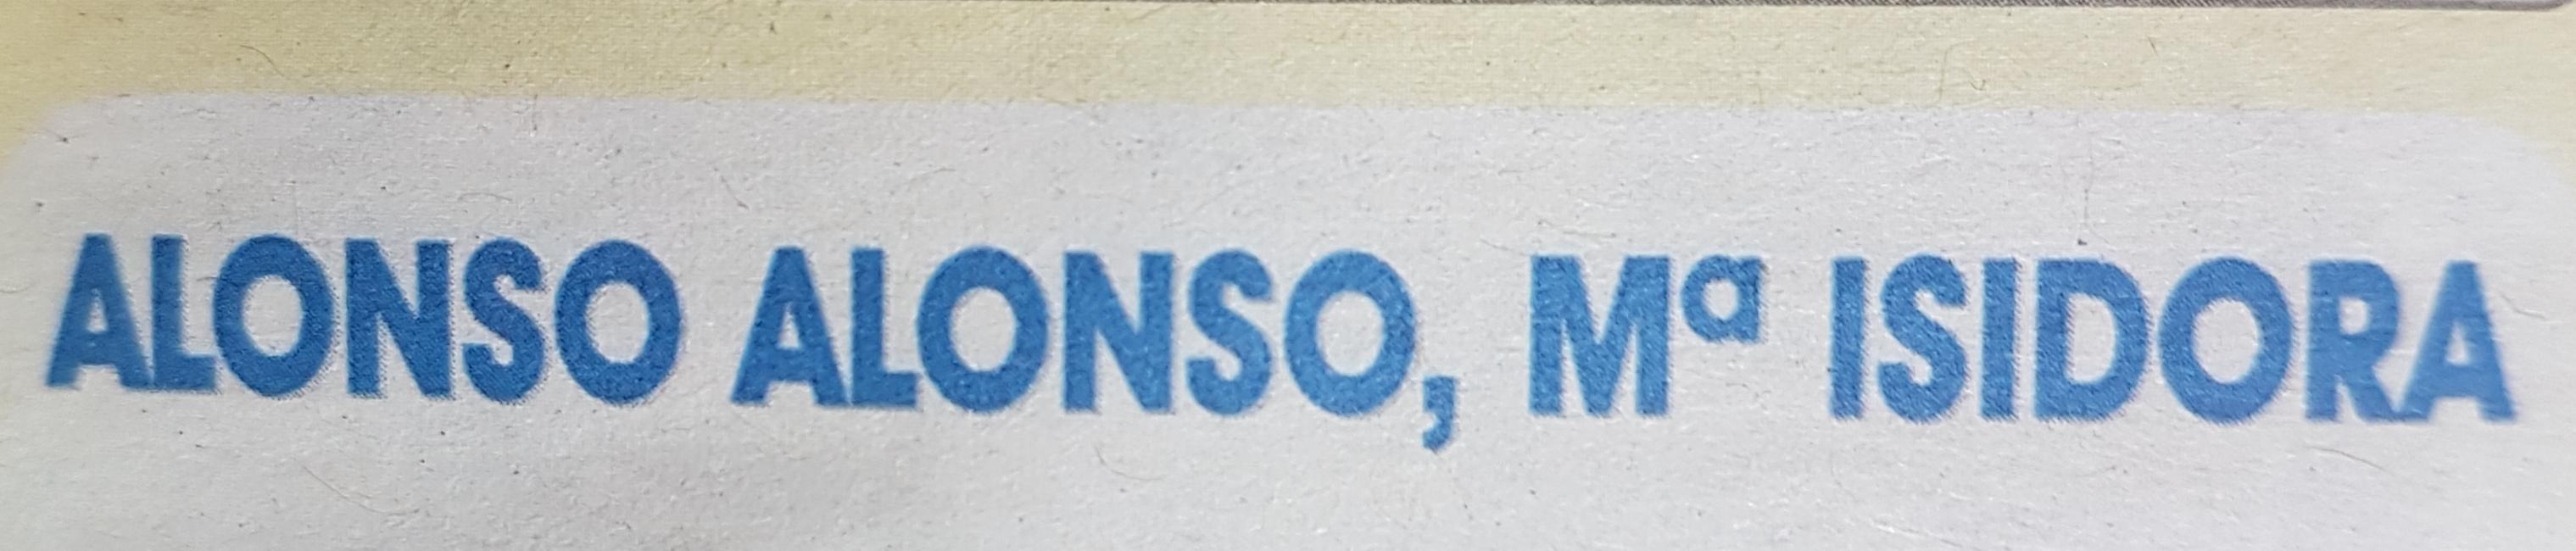 Alonso Alonso Mª Isidora